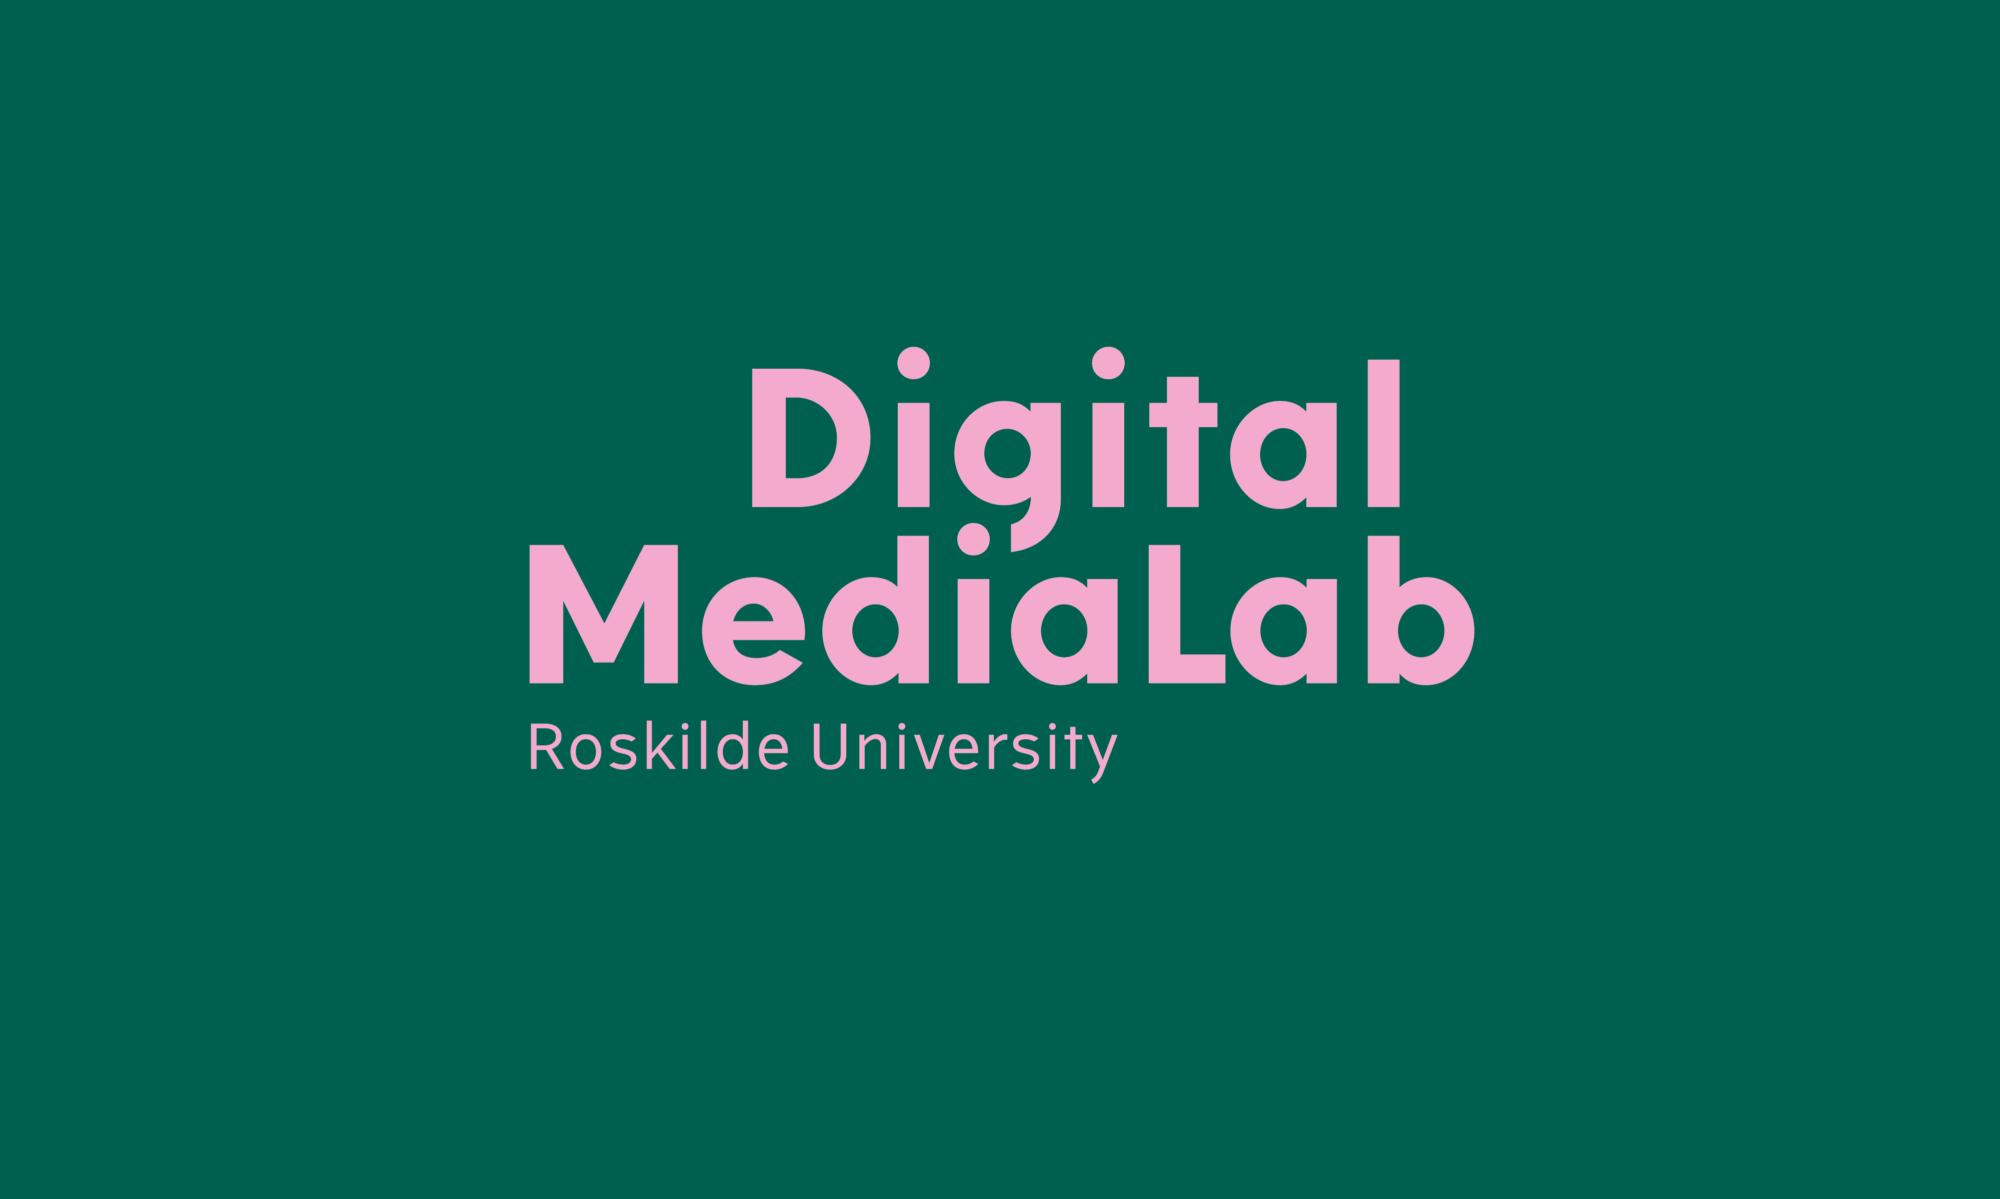 DigitalMediaLab